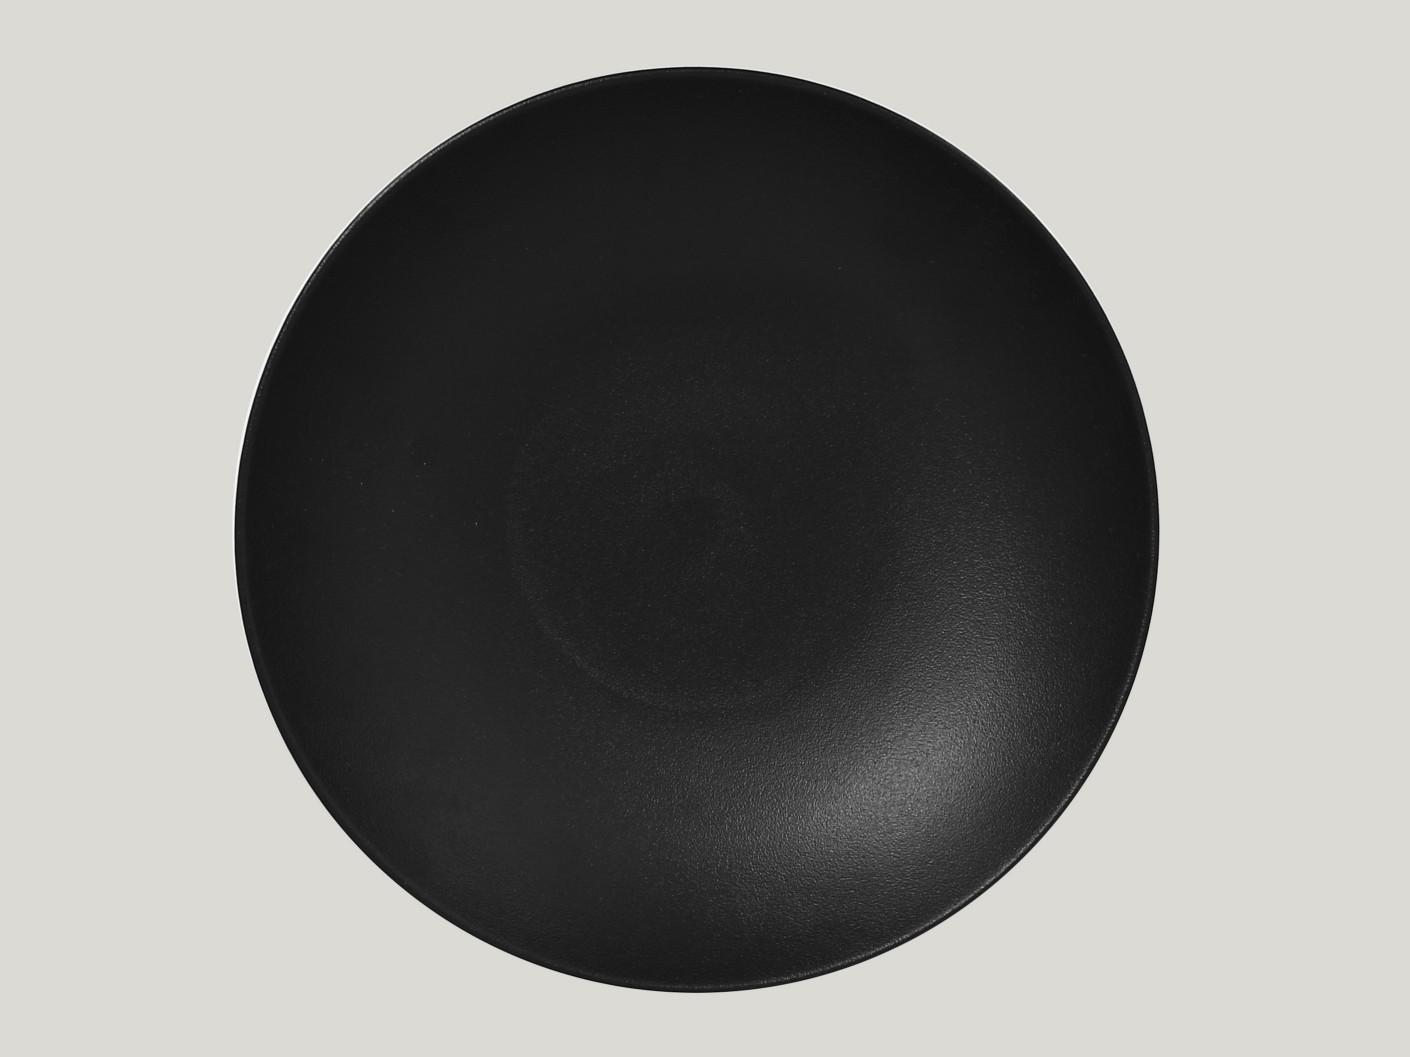 Neofusion talíř hluboký 120 cl - černá